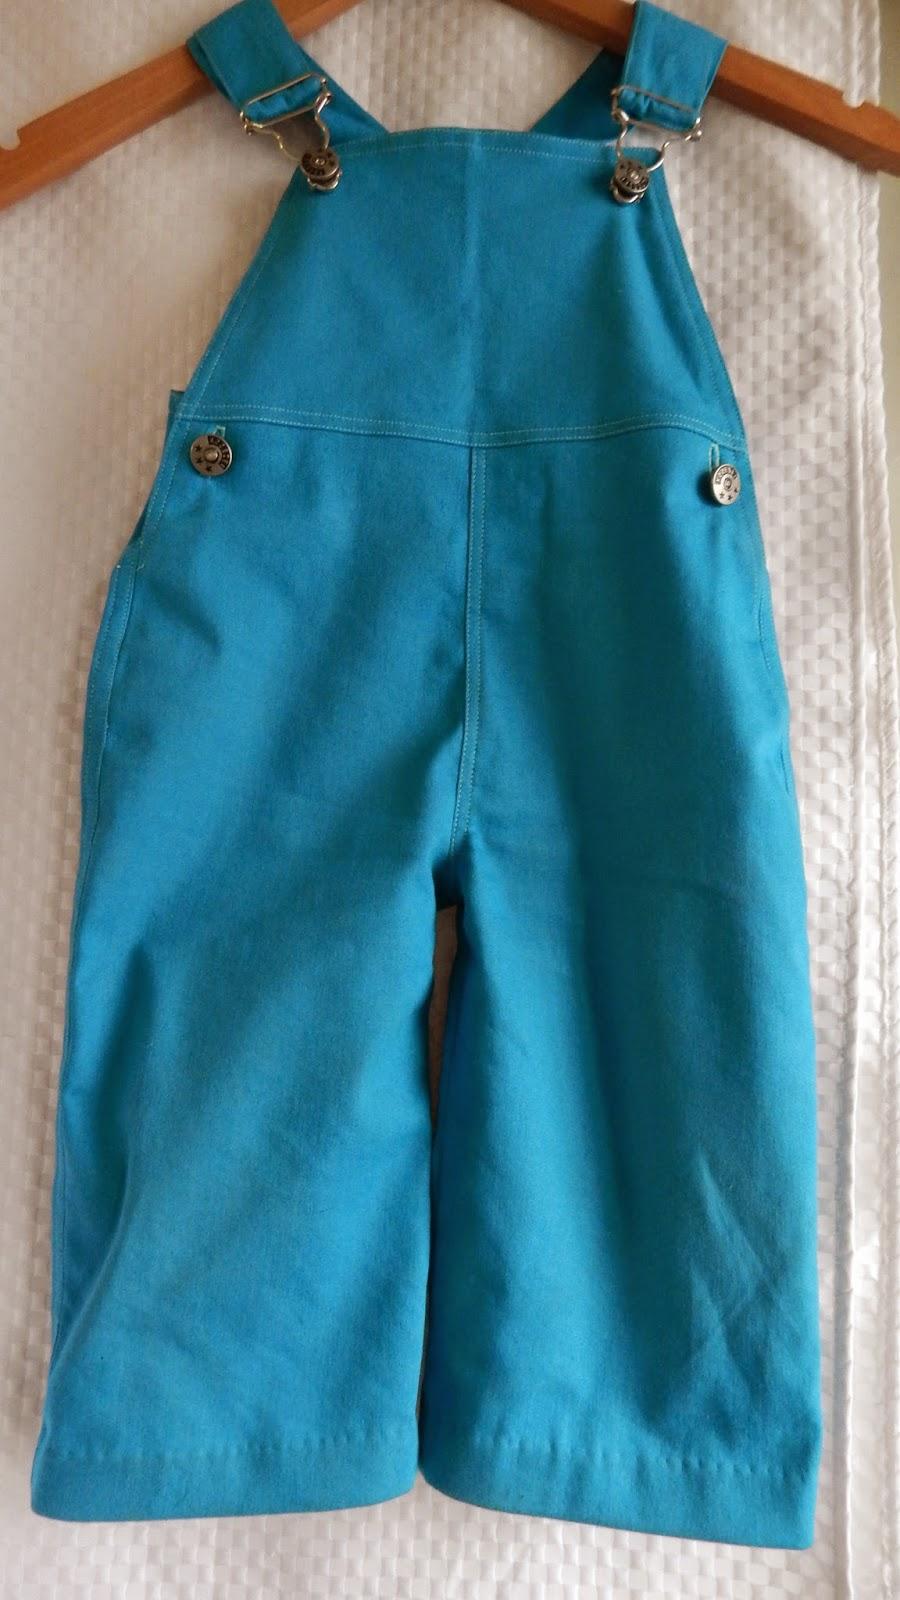 Комбинезон из старых джинсов: как сделать своими руками 74